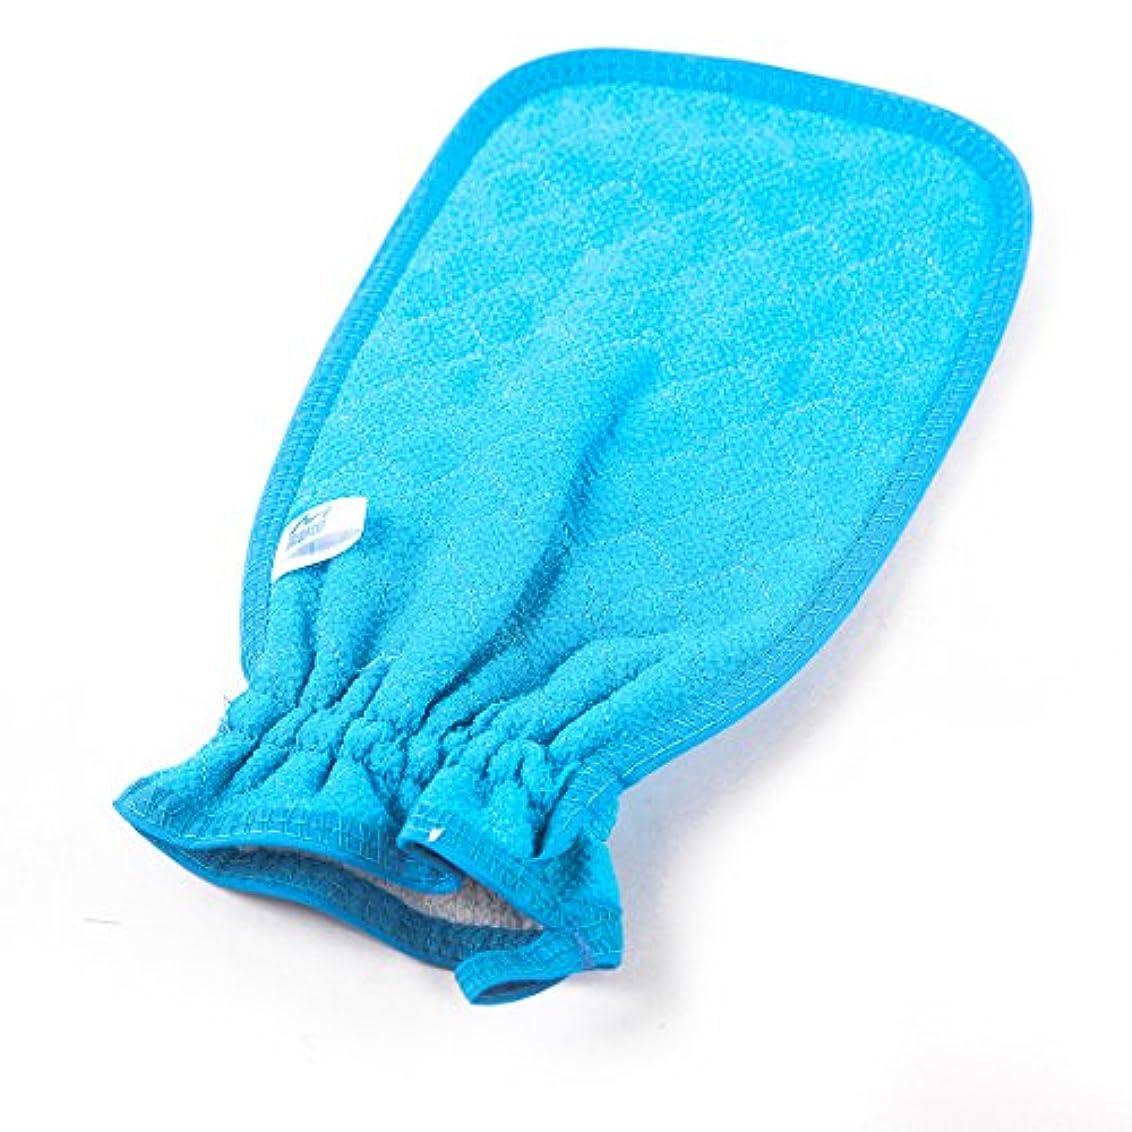 進行中ファイタージョリーあかすりミトン 浴用手袋 泡たてネット付き ウォッシュスキンスパ 泡風呂手袋 マッサージ ボディウォッシュ手袋 バス用品 入浴 グッズ LissomPlume